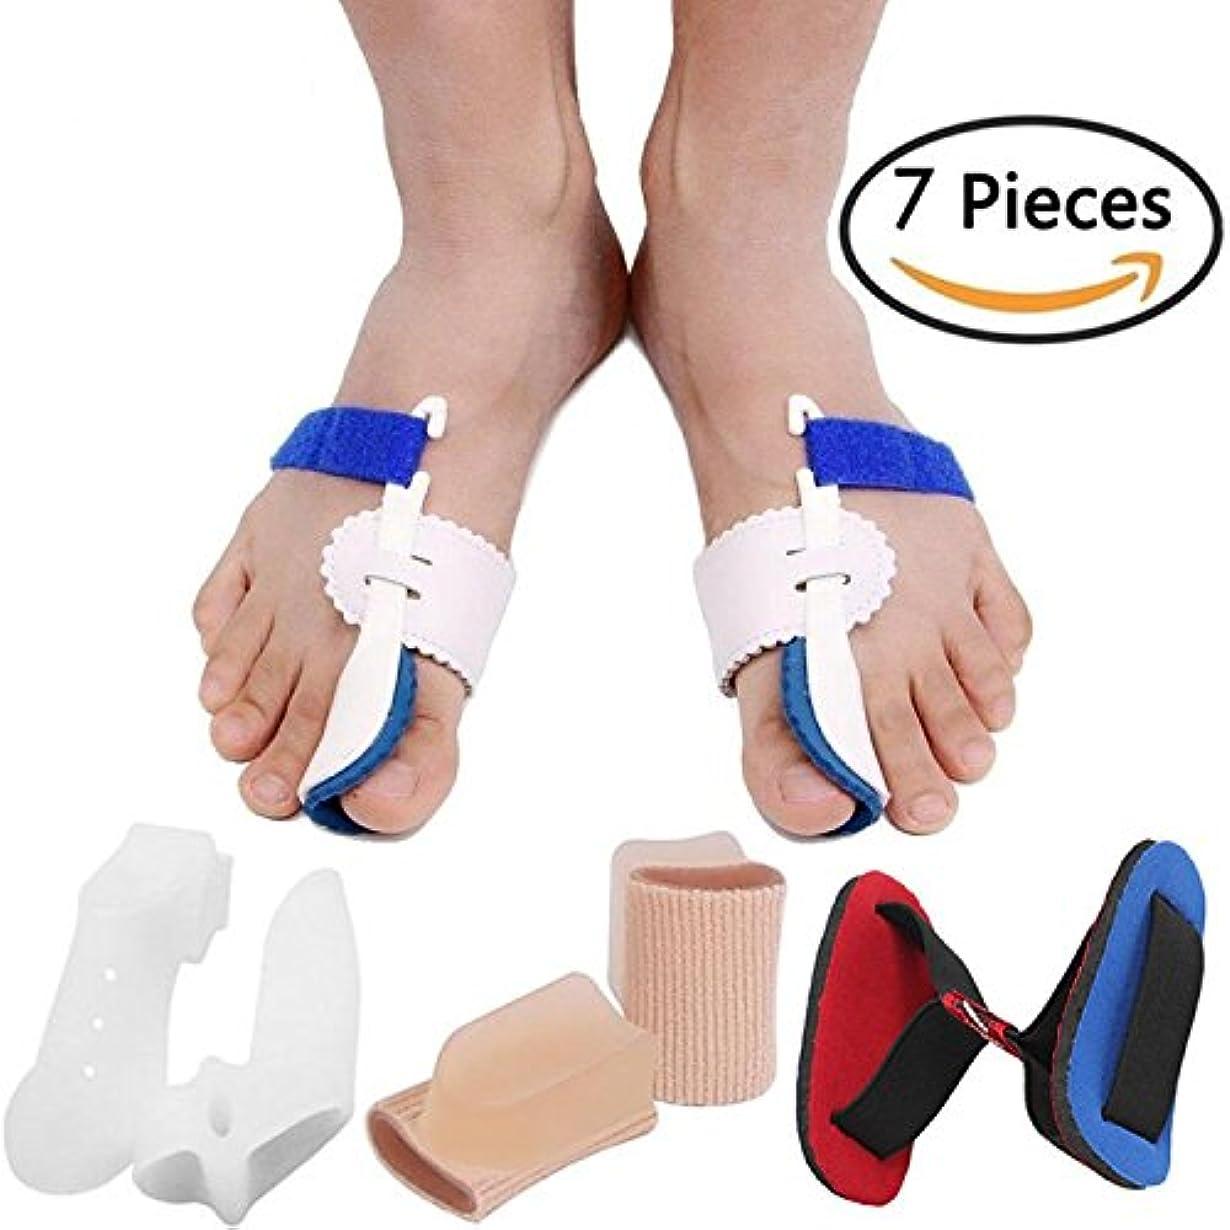 光景前兆調停するBunion Corrector Bunion Relief Protector Sleeves Kit, Big Toe Corrector Straightener Separator Treat Pain in Hallux Valgus, Big Toe Joint, Hammer Toe, Splint Aid Surgery Treatment